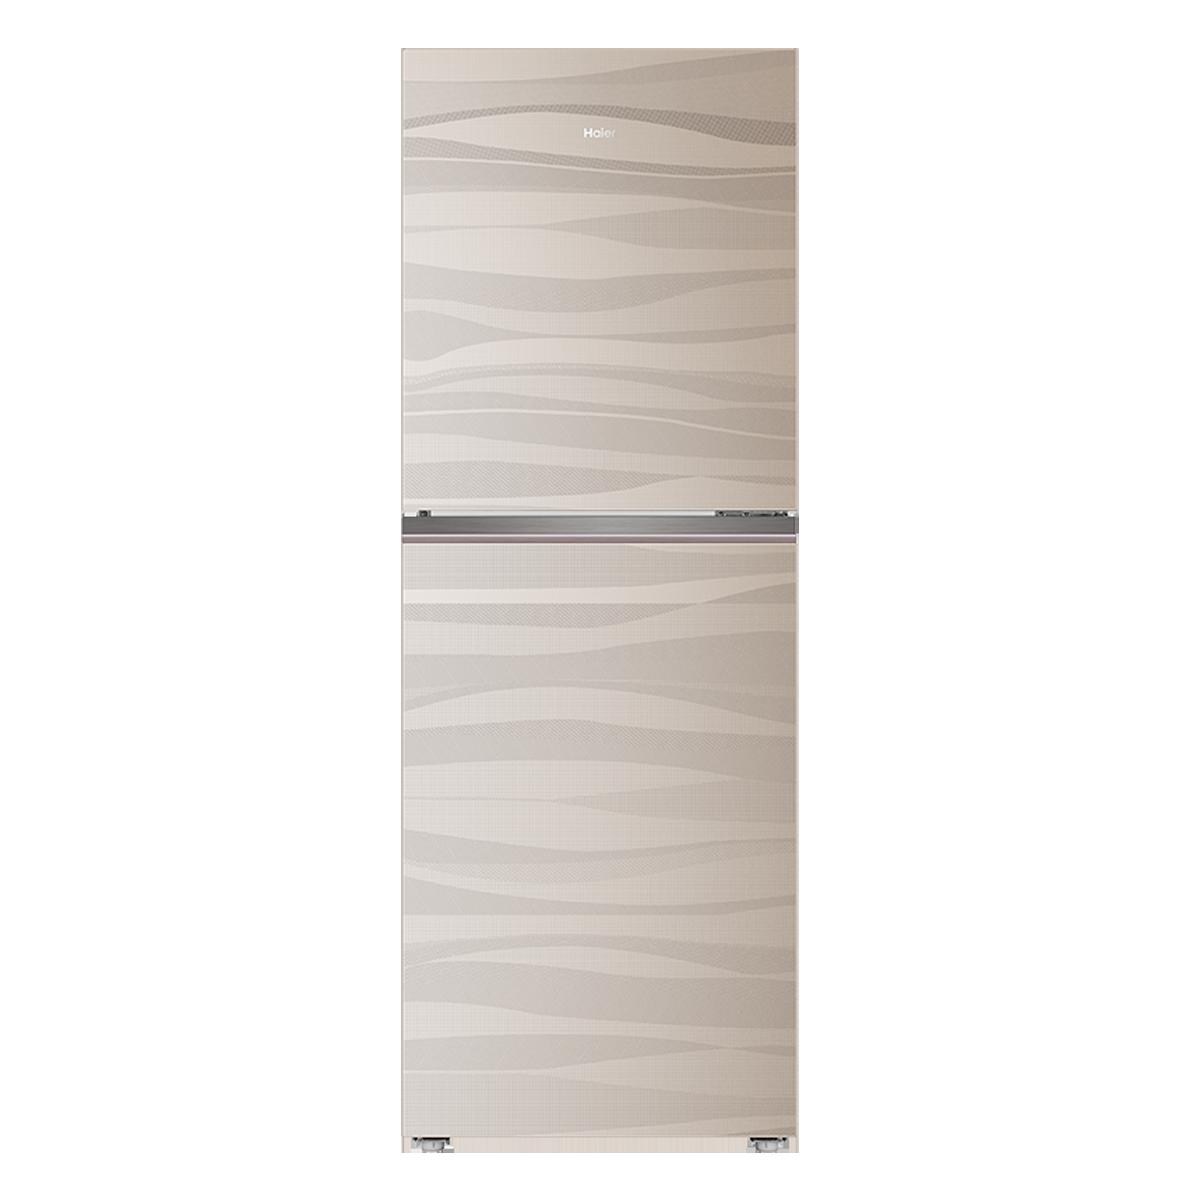 海尔Haier冰箱 BCD-315TNGS 说明书